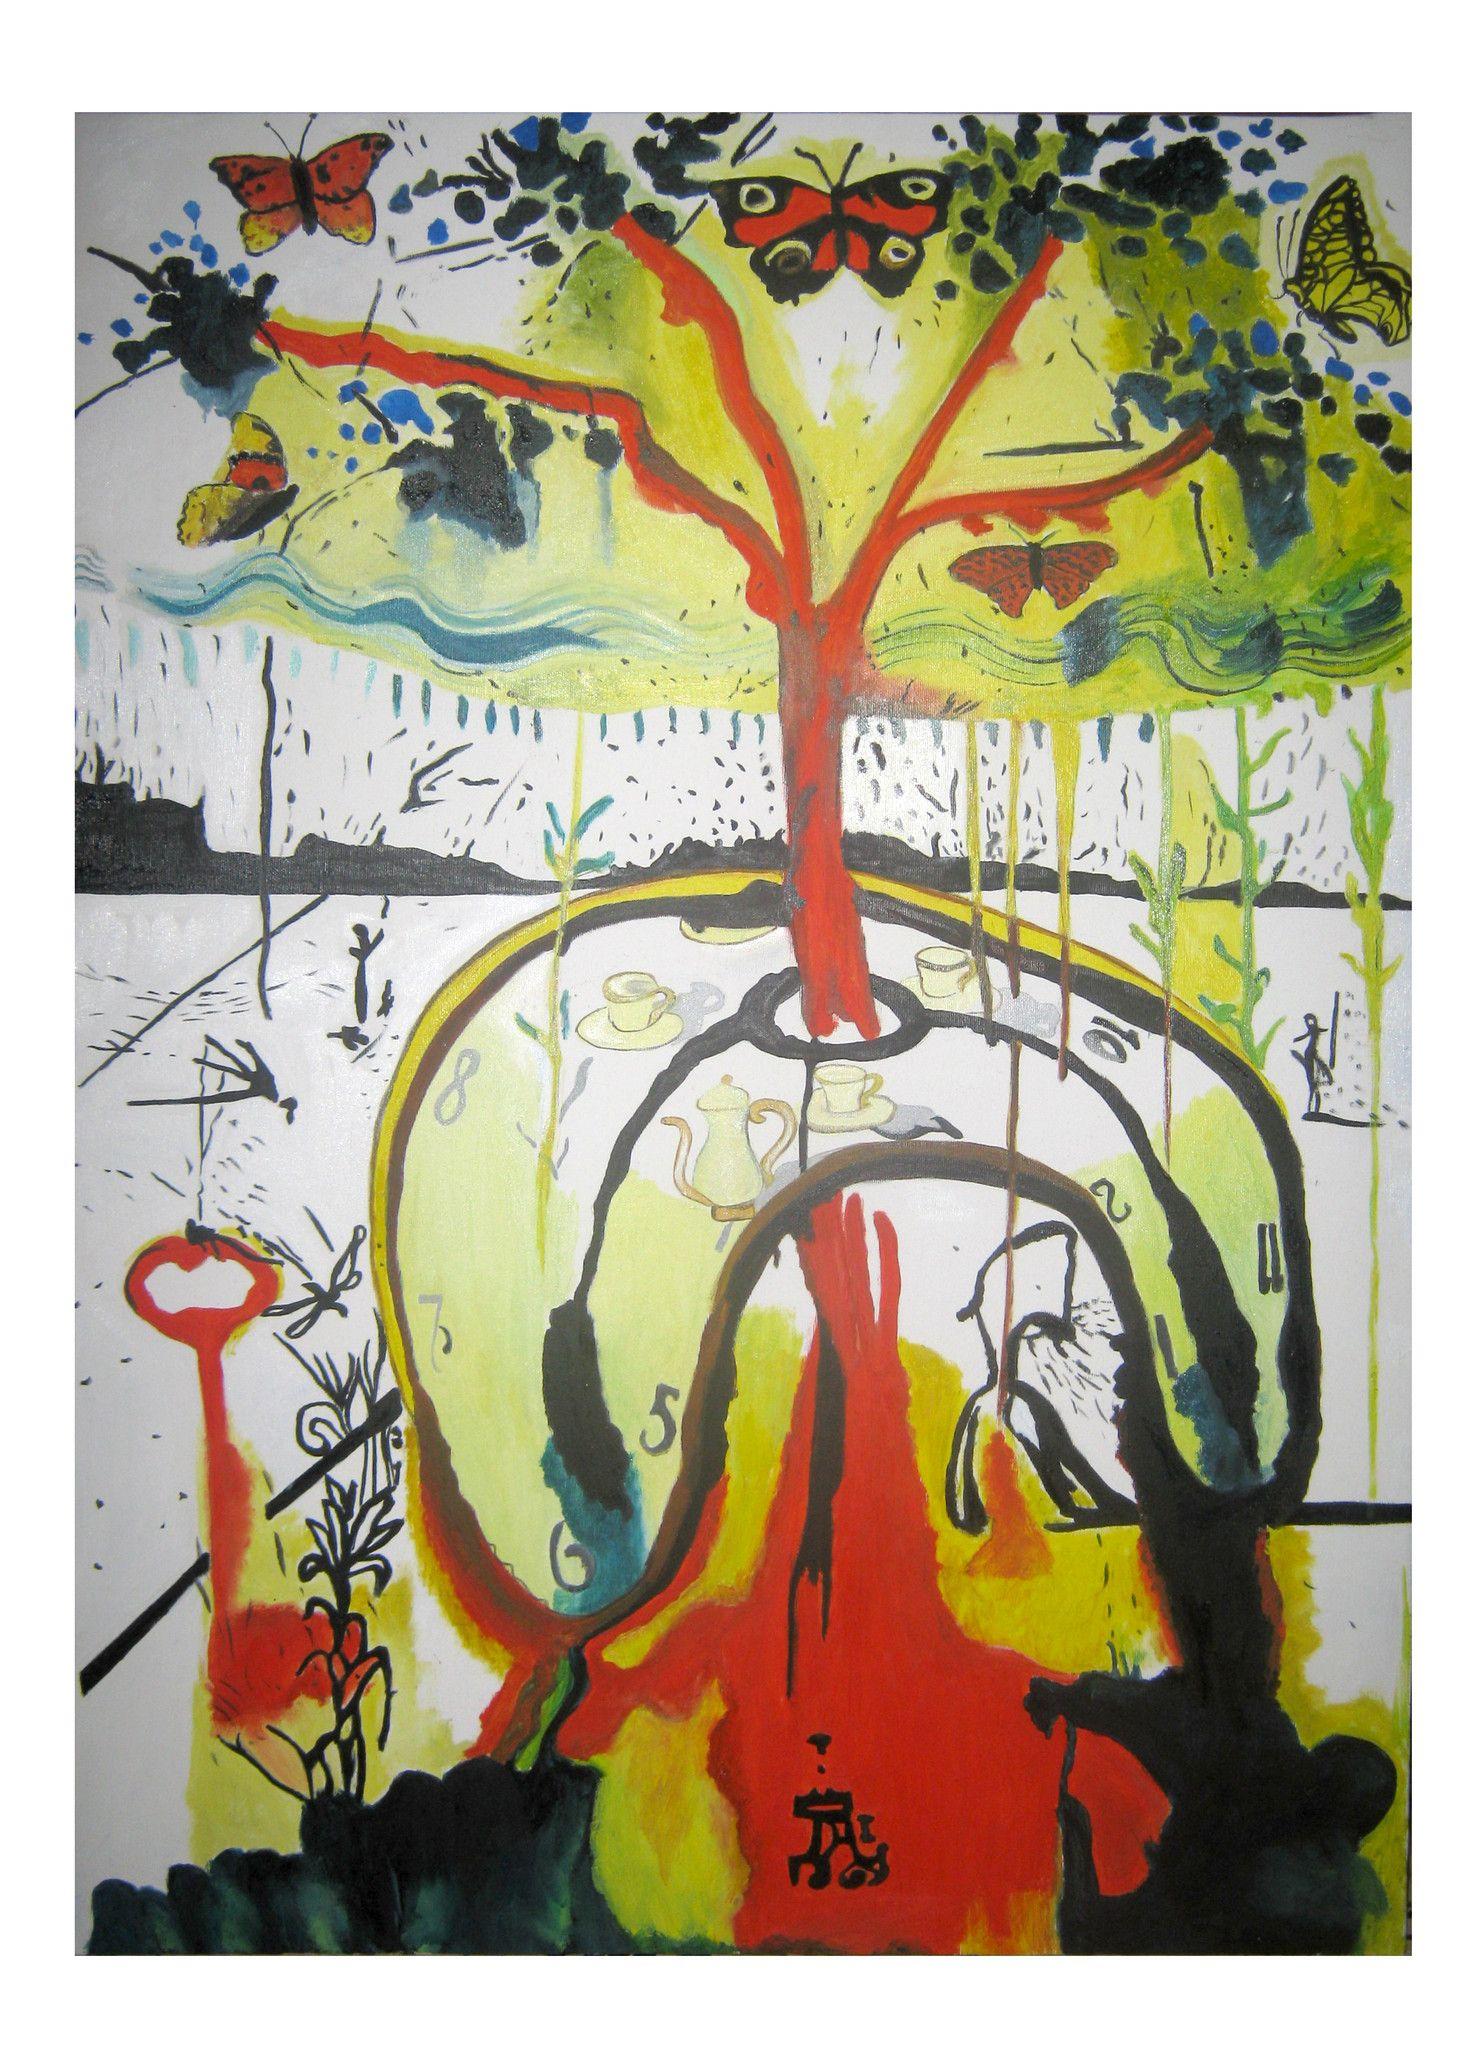 A Mad Tea Party - Copia di Salvador Dali - Alice in Wonderland